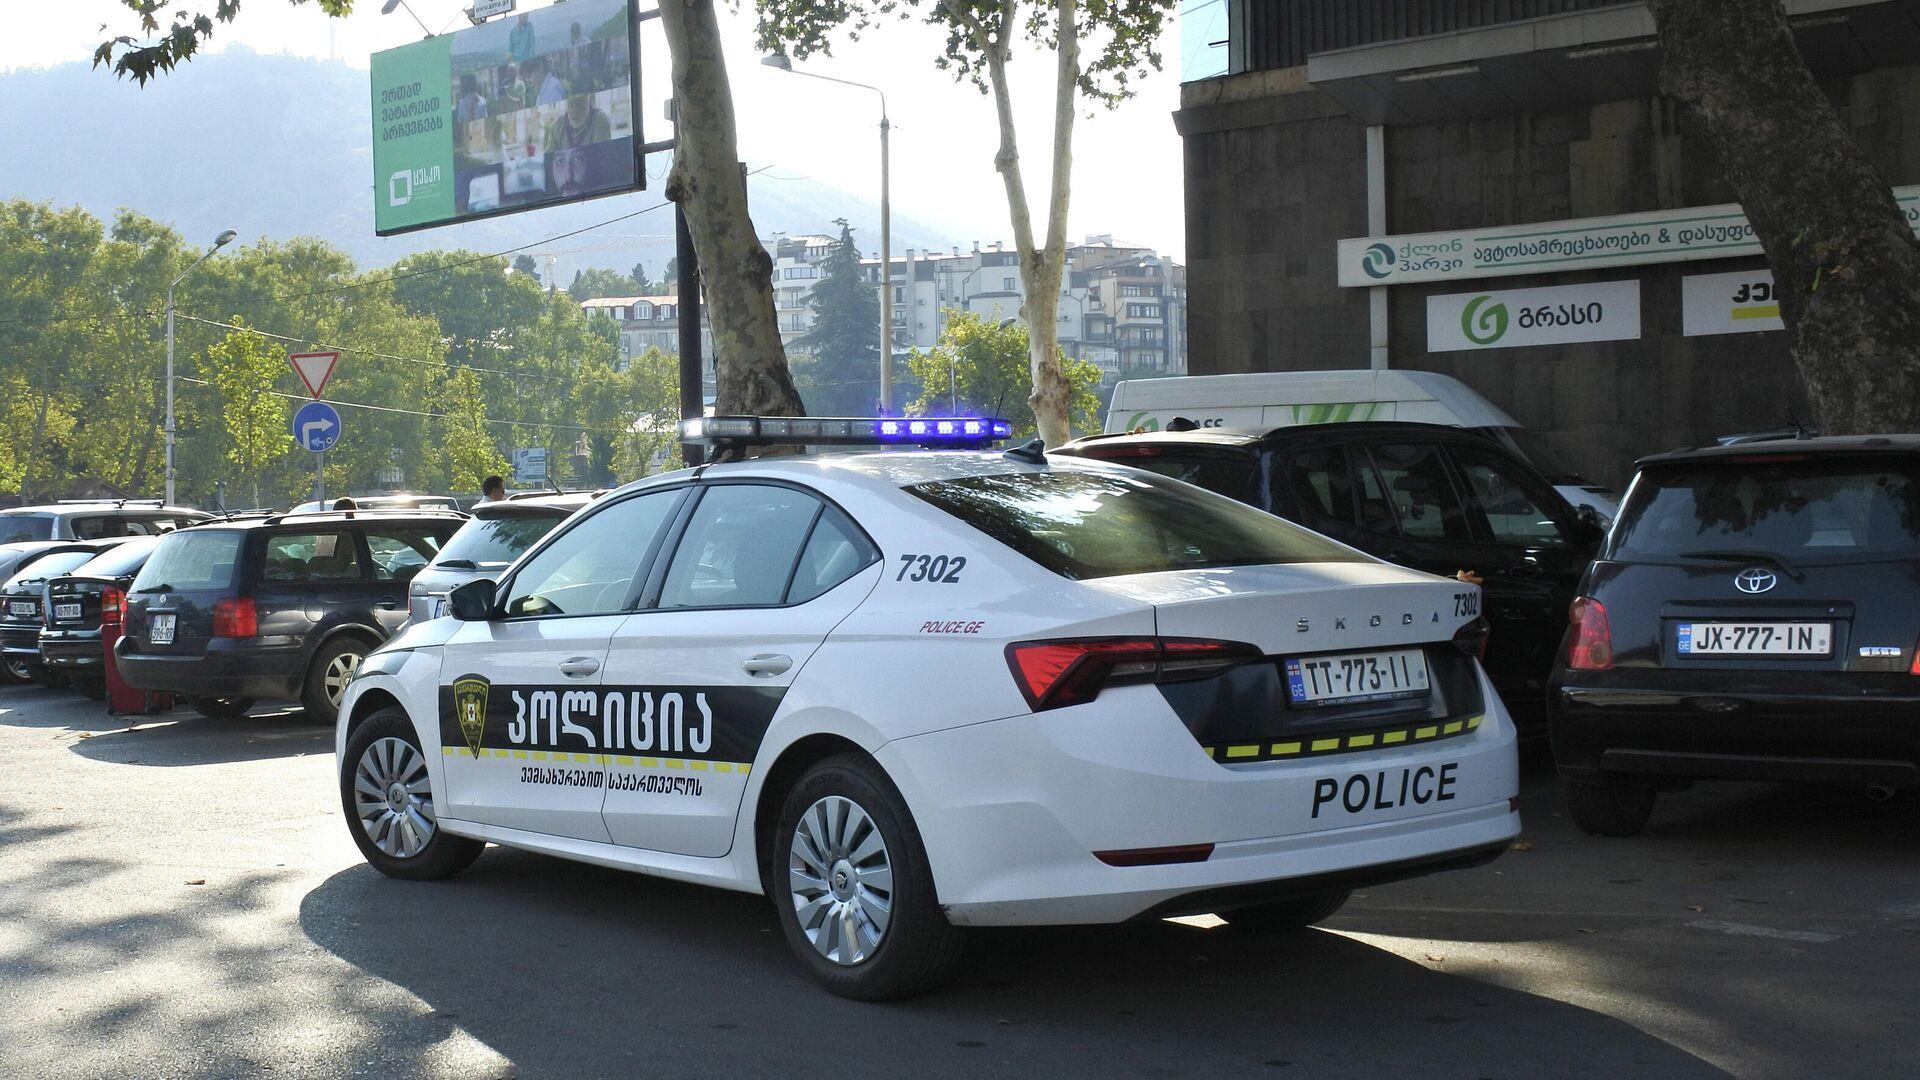 Предвыборная агитация в Тбилиси - патрульная полиция на улицах города - Sputnik Грузия, 1920, 02.10.2021